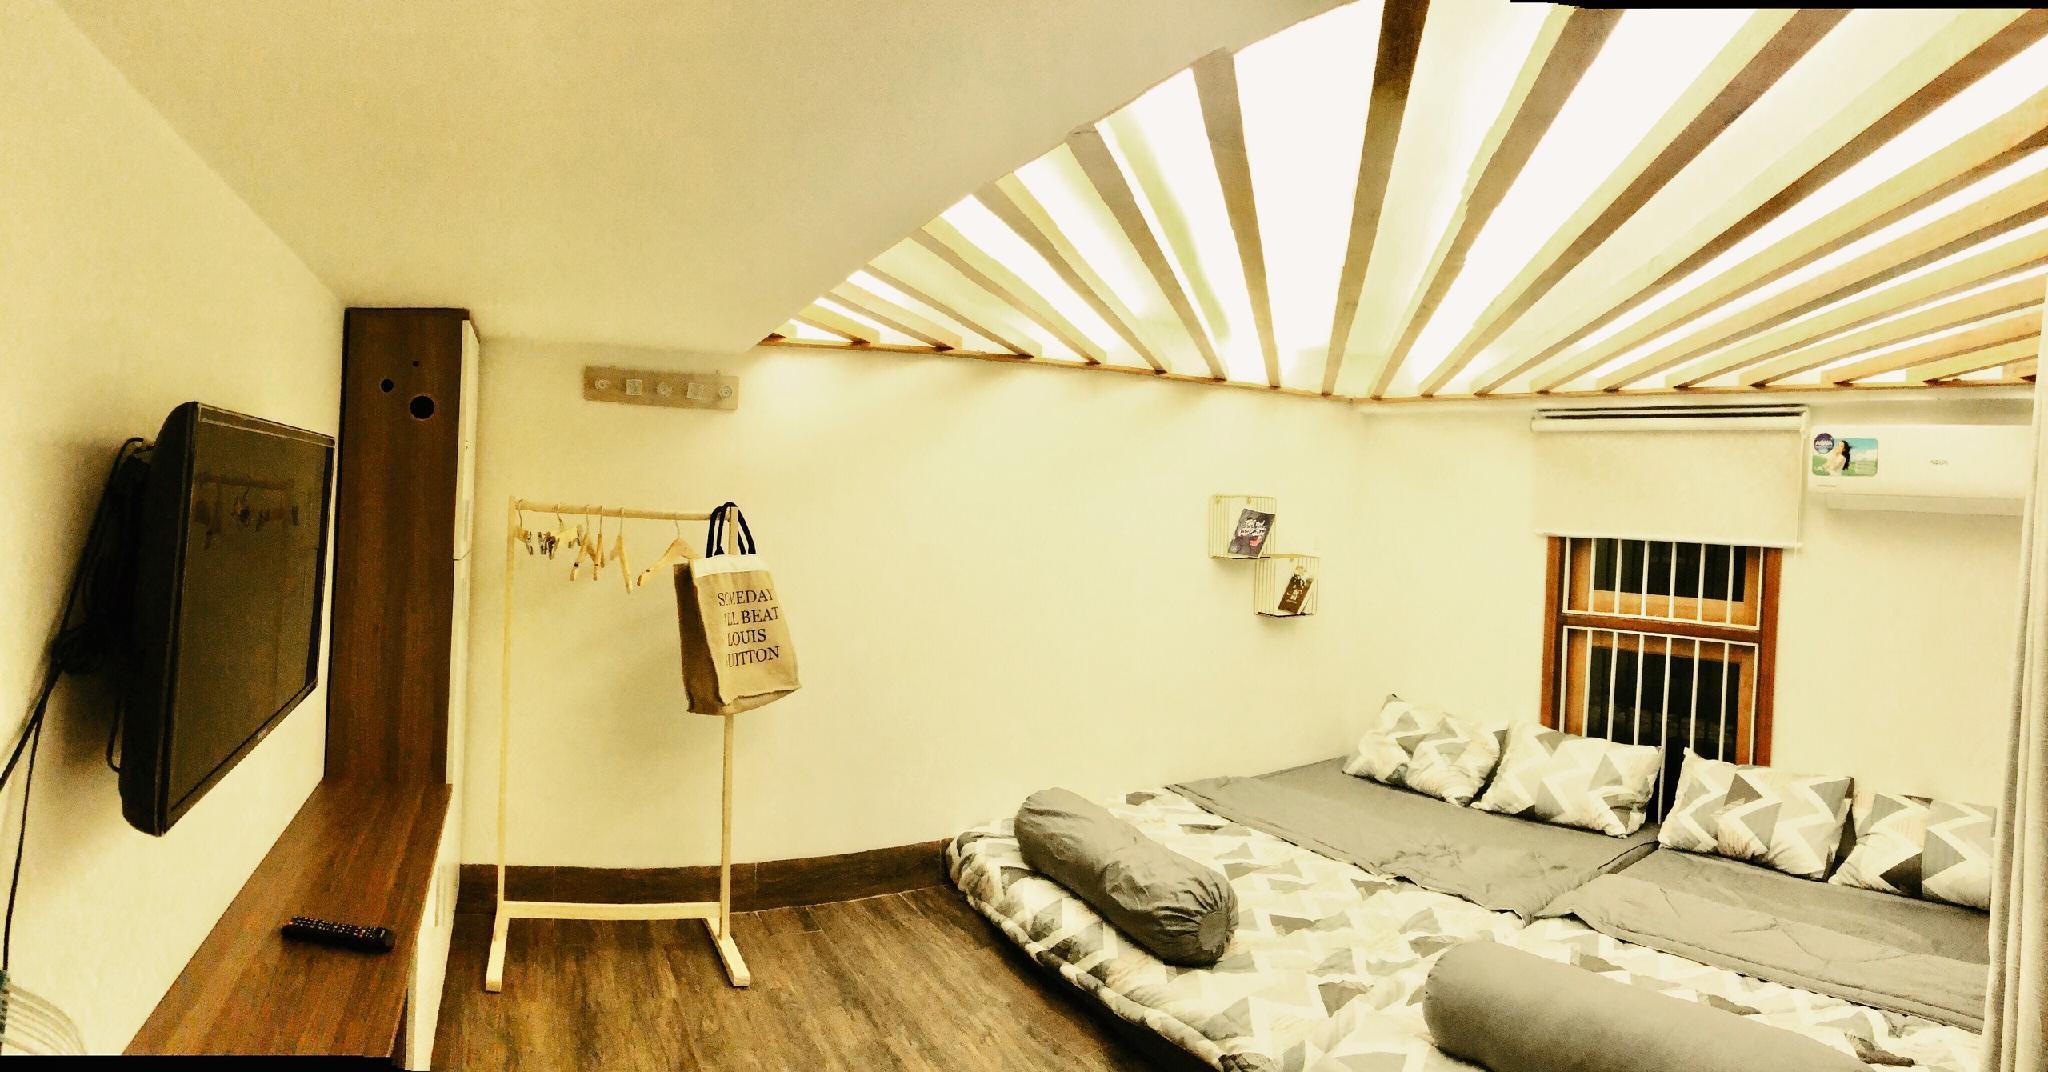 BBnB Home Quy Nhon